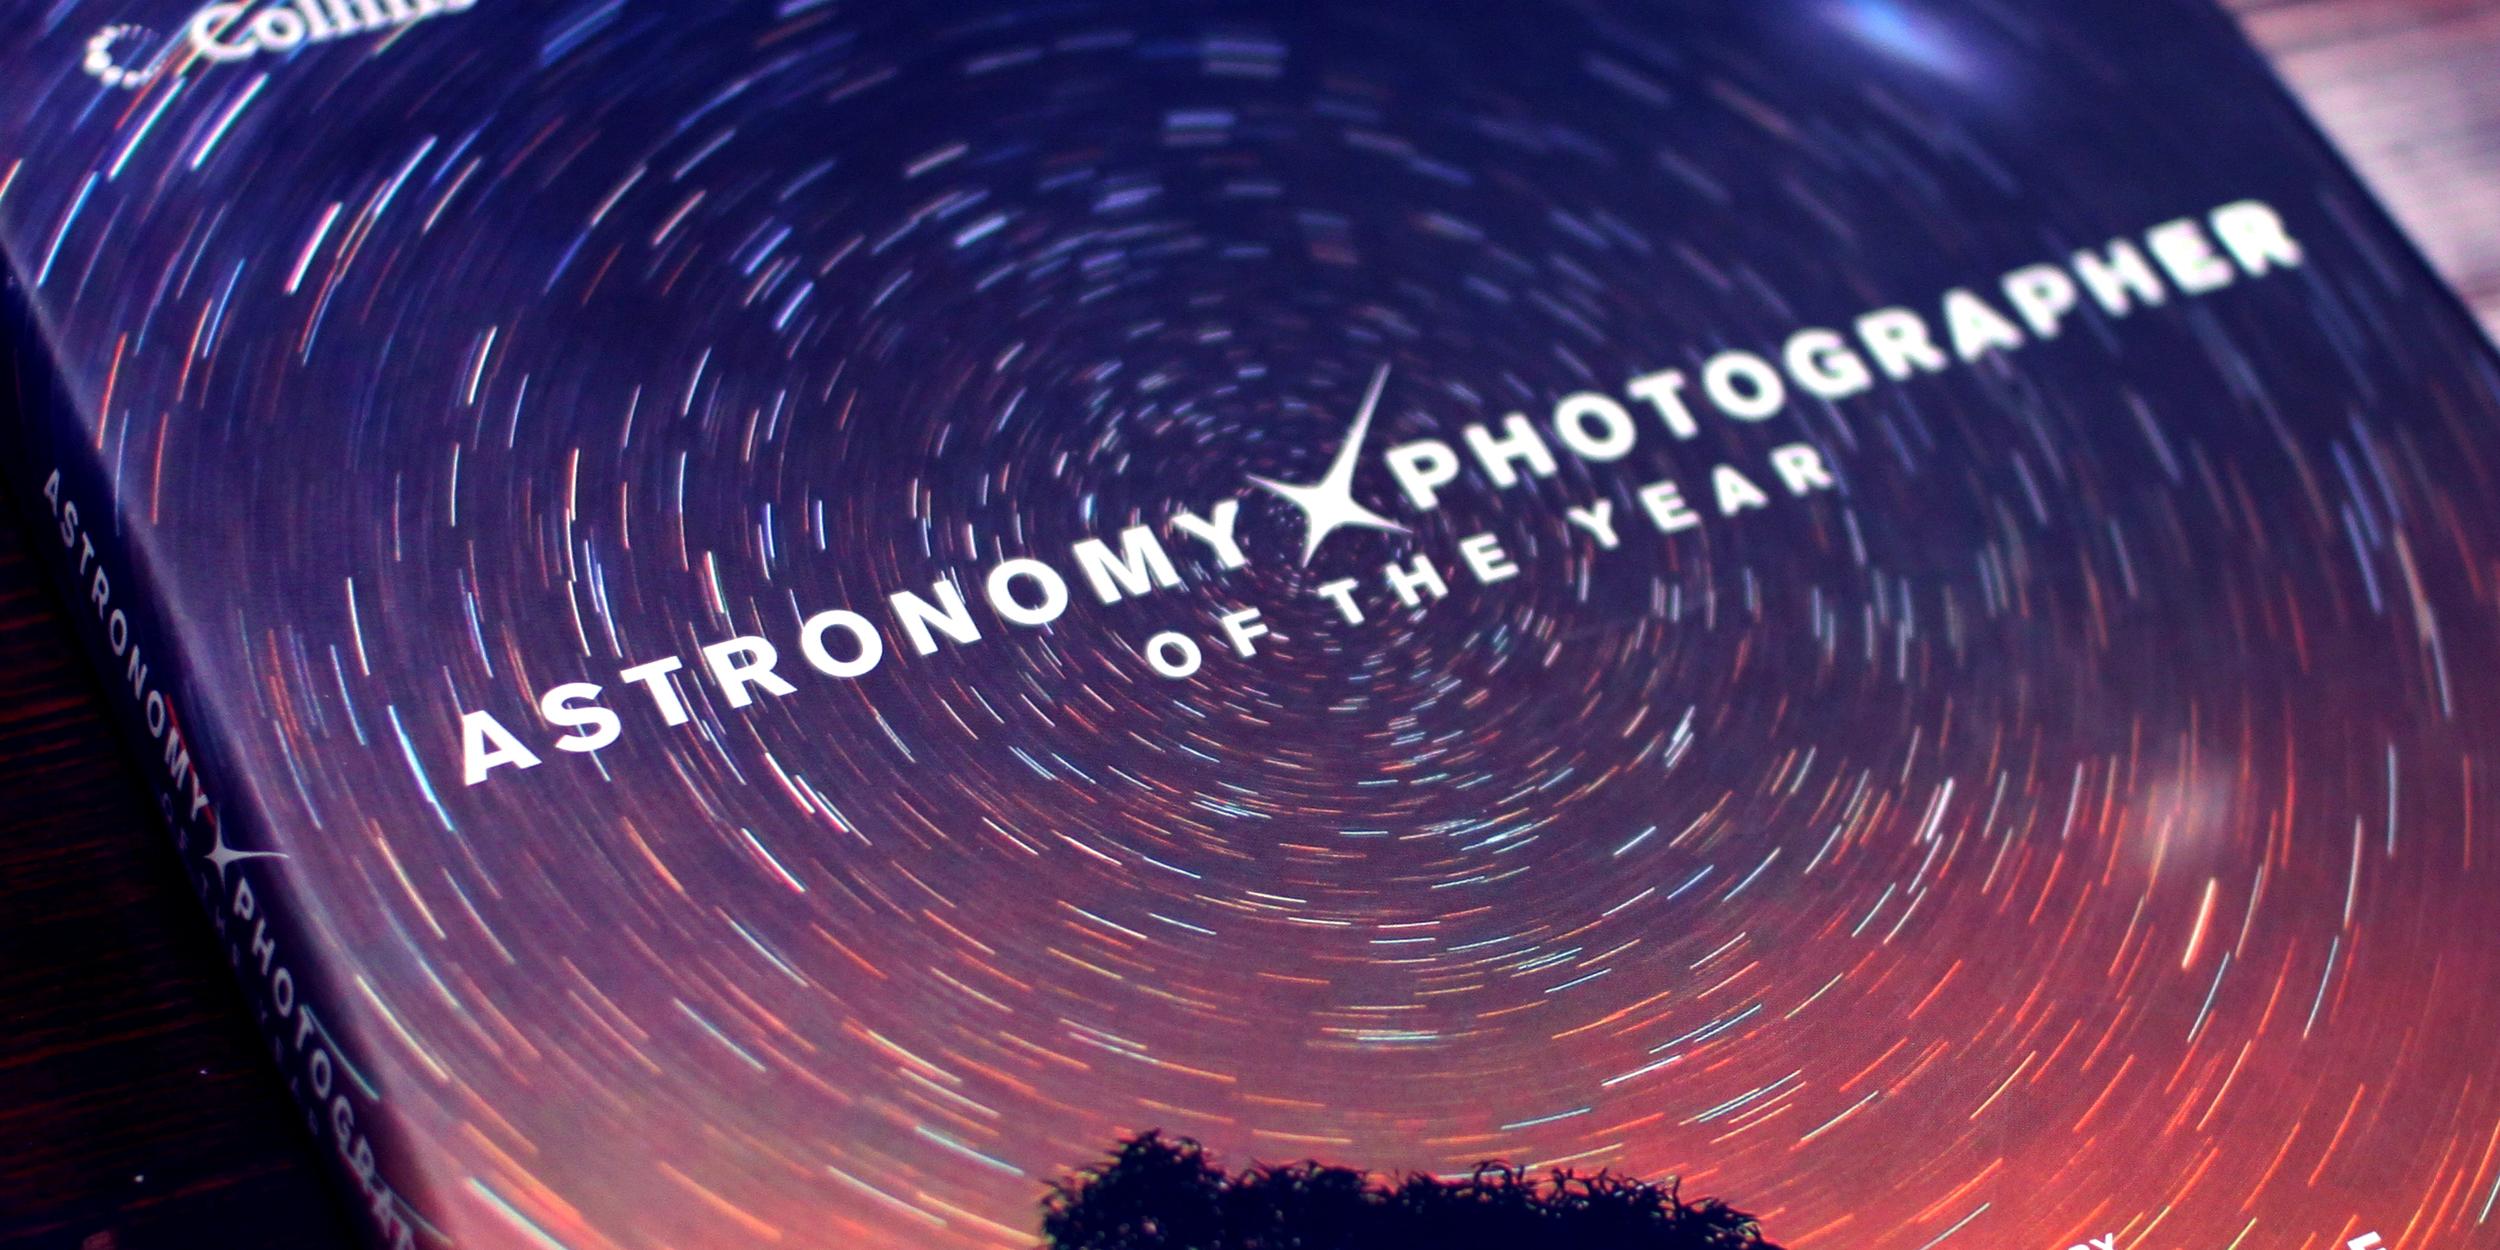 Гринвичская королевская обсерватория выбрала лучшие астрофотографии года